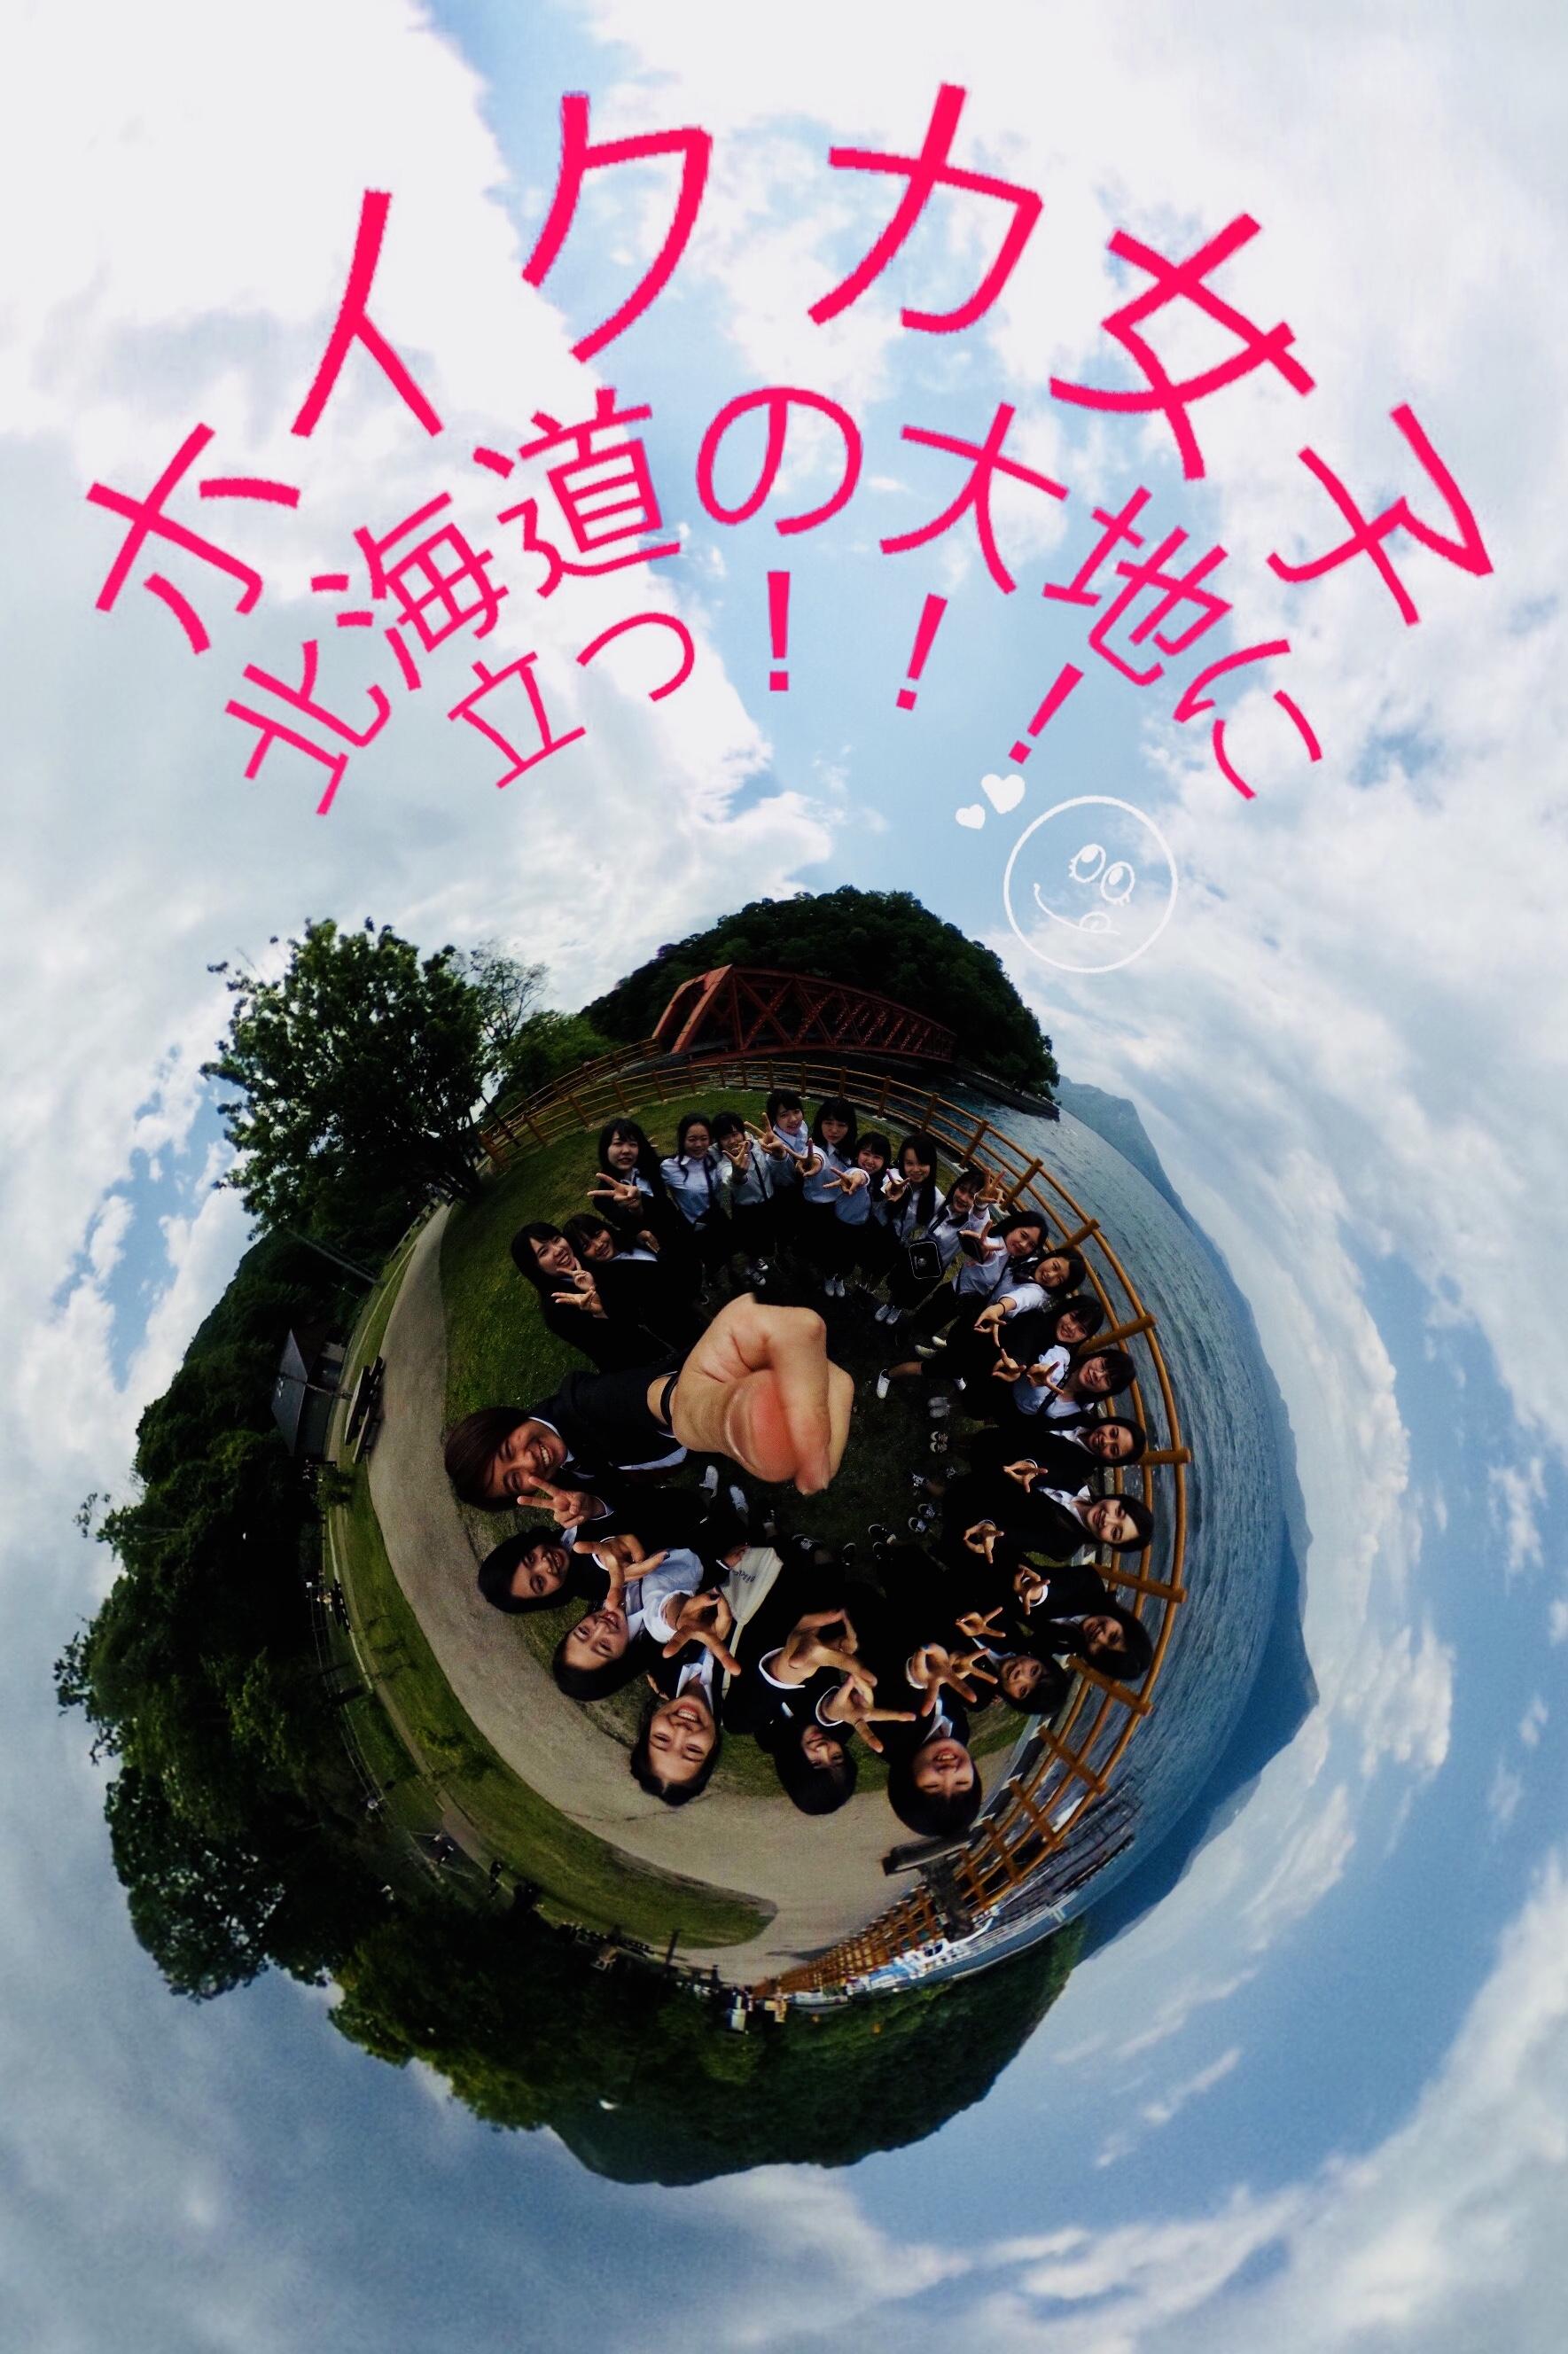 ホイクカ女子 北海道の大地に立つ! Finale!!!